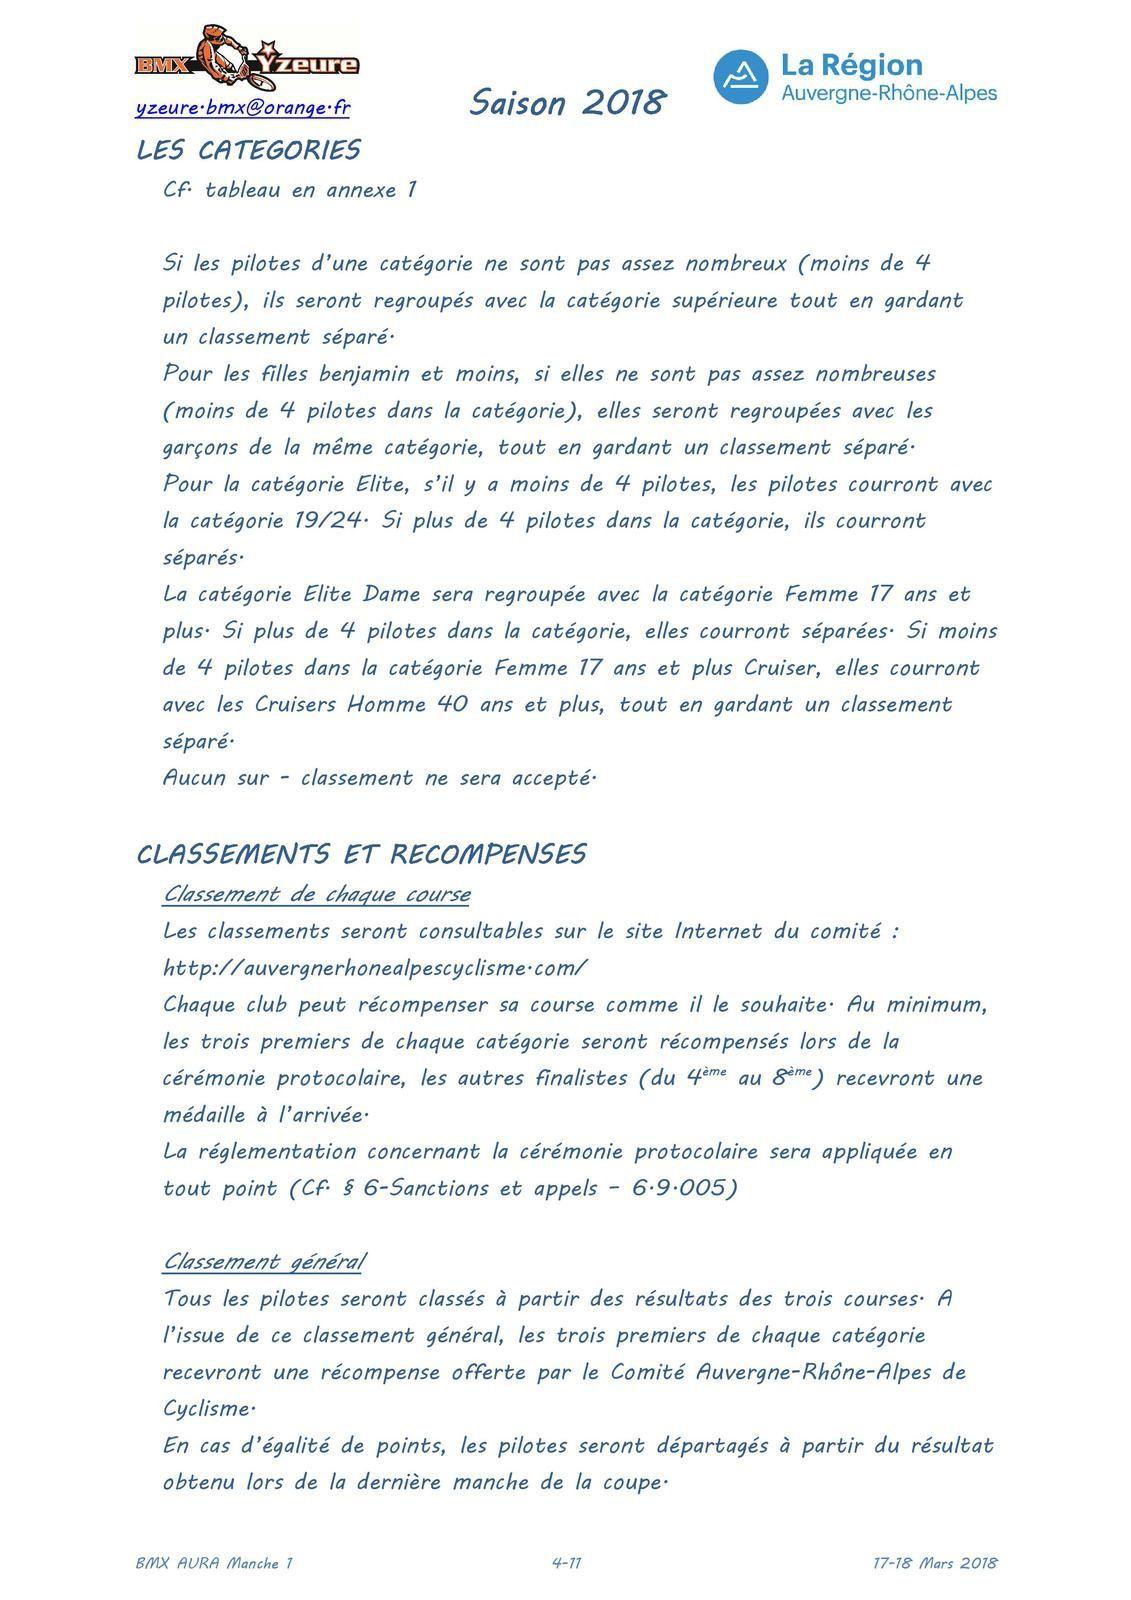 Invitation pour la première manche de la Coupe Aura à Yzeure, 17 et 18 mars 2018